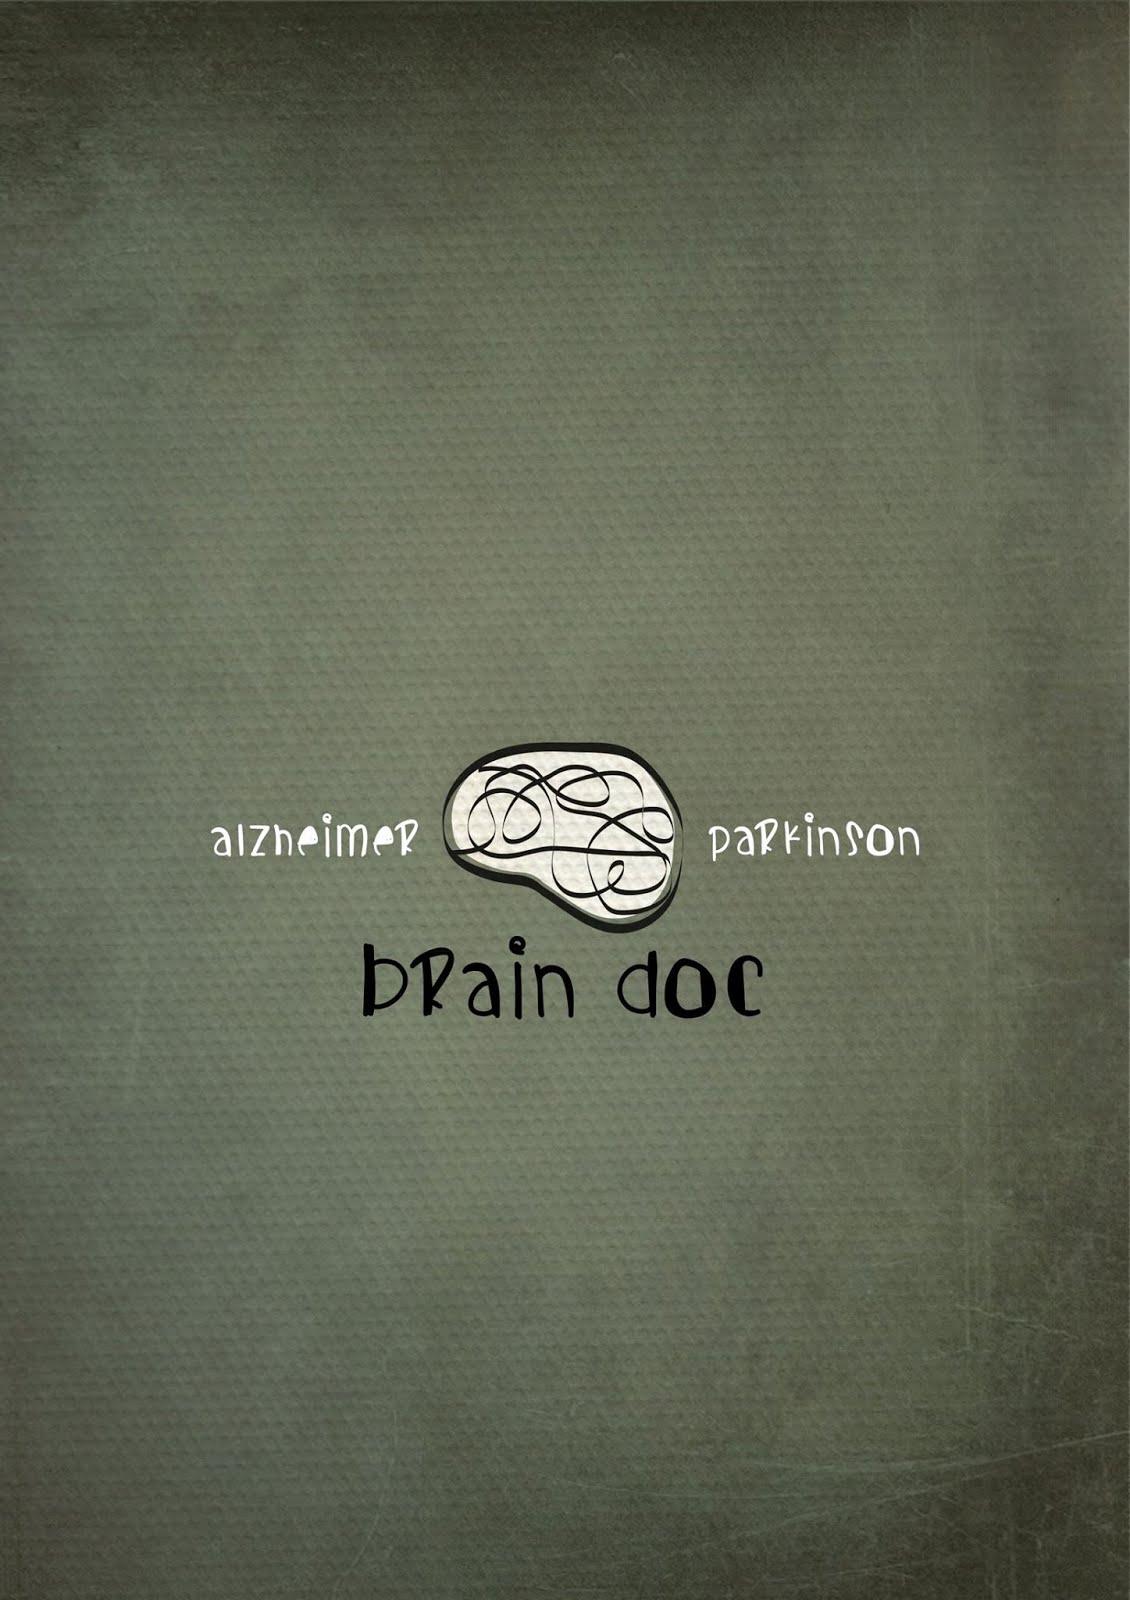 Una nueva forma de conocer el Alzheimer y el Parkinson